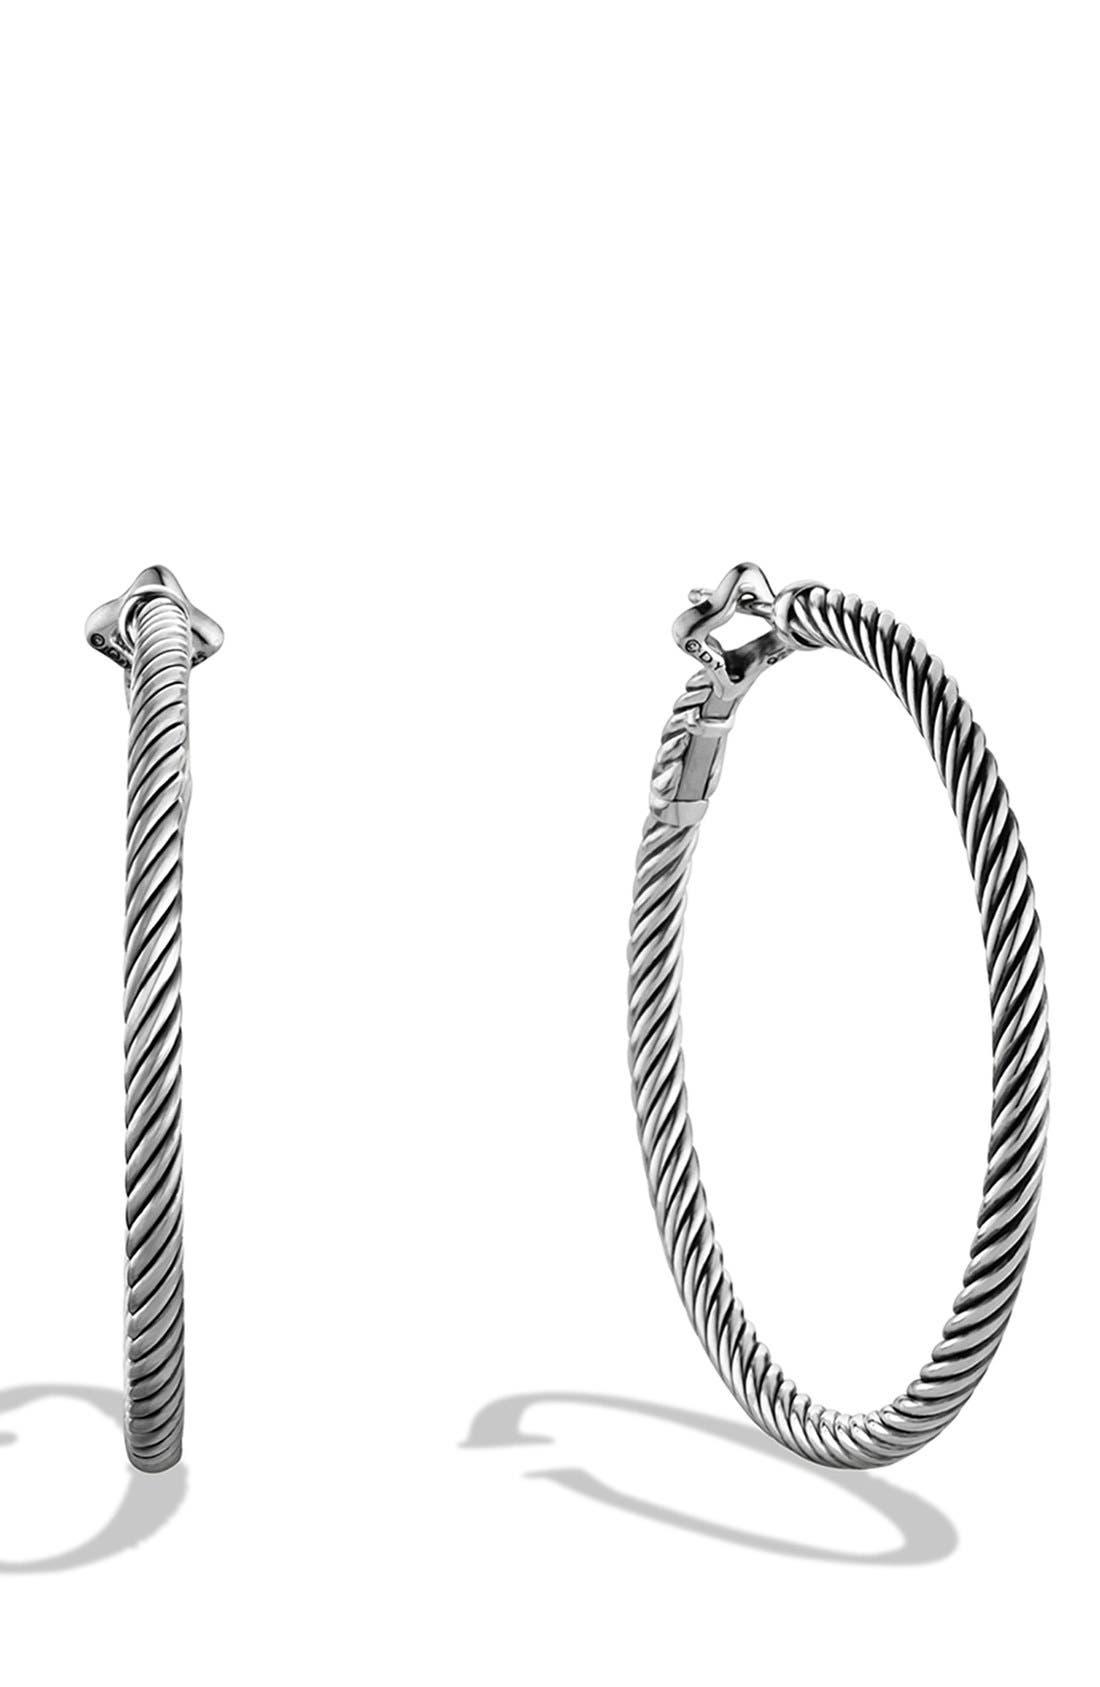 Main Image - David Yurman 'Cable Classics' Large Hoop Earrings